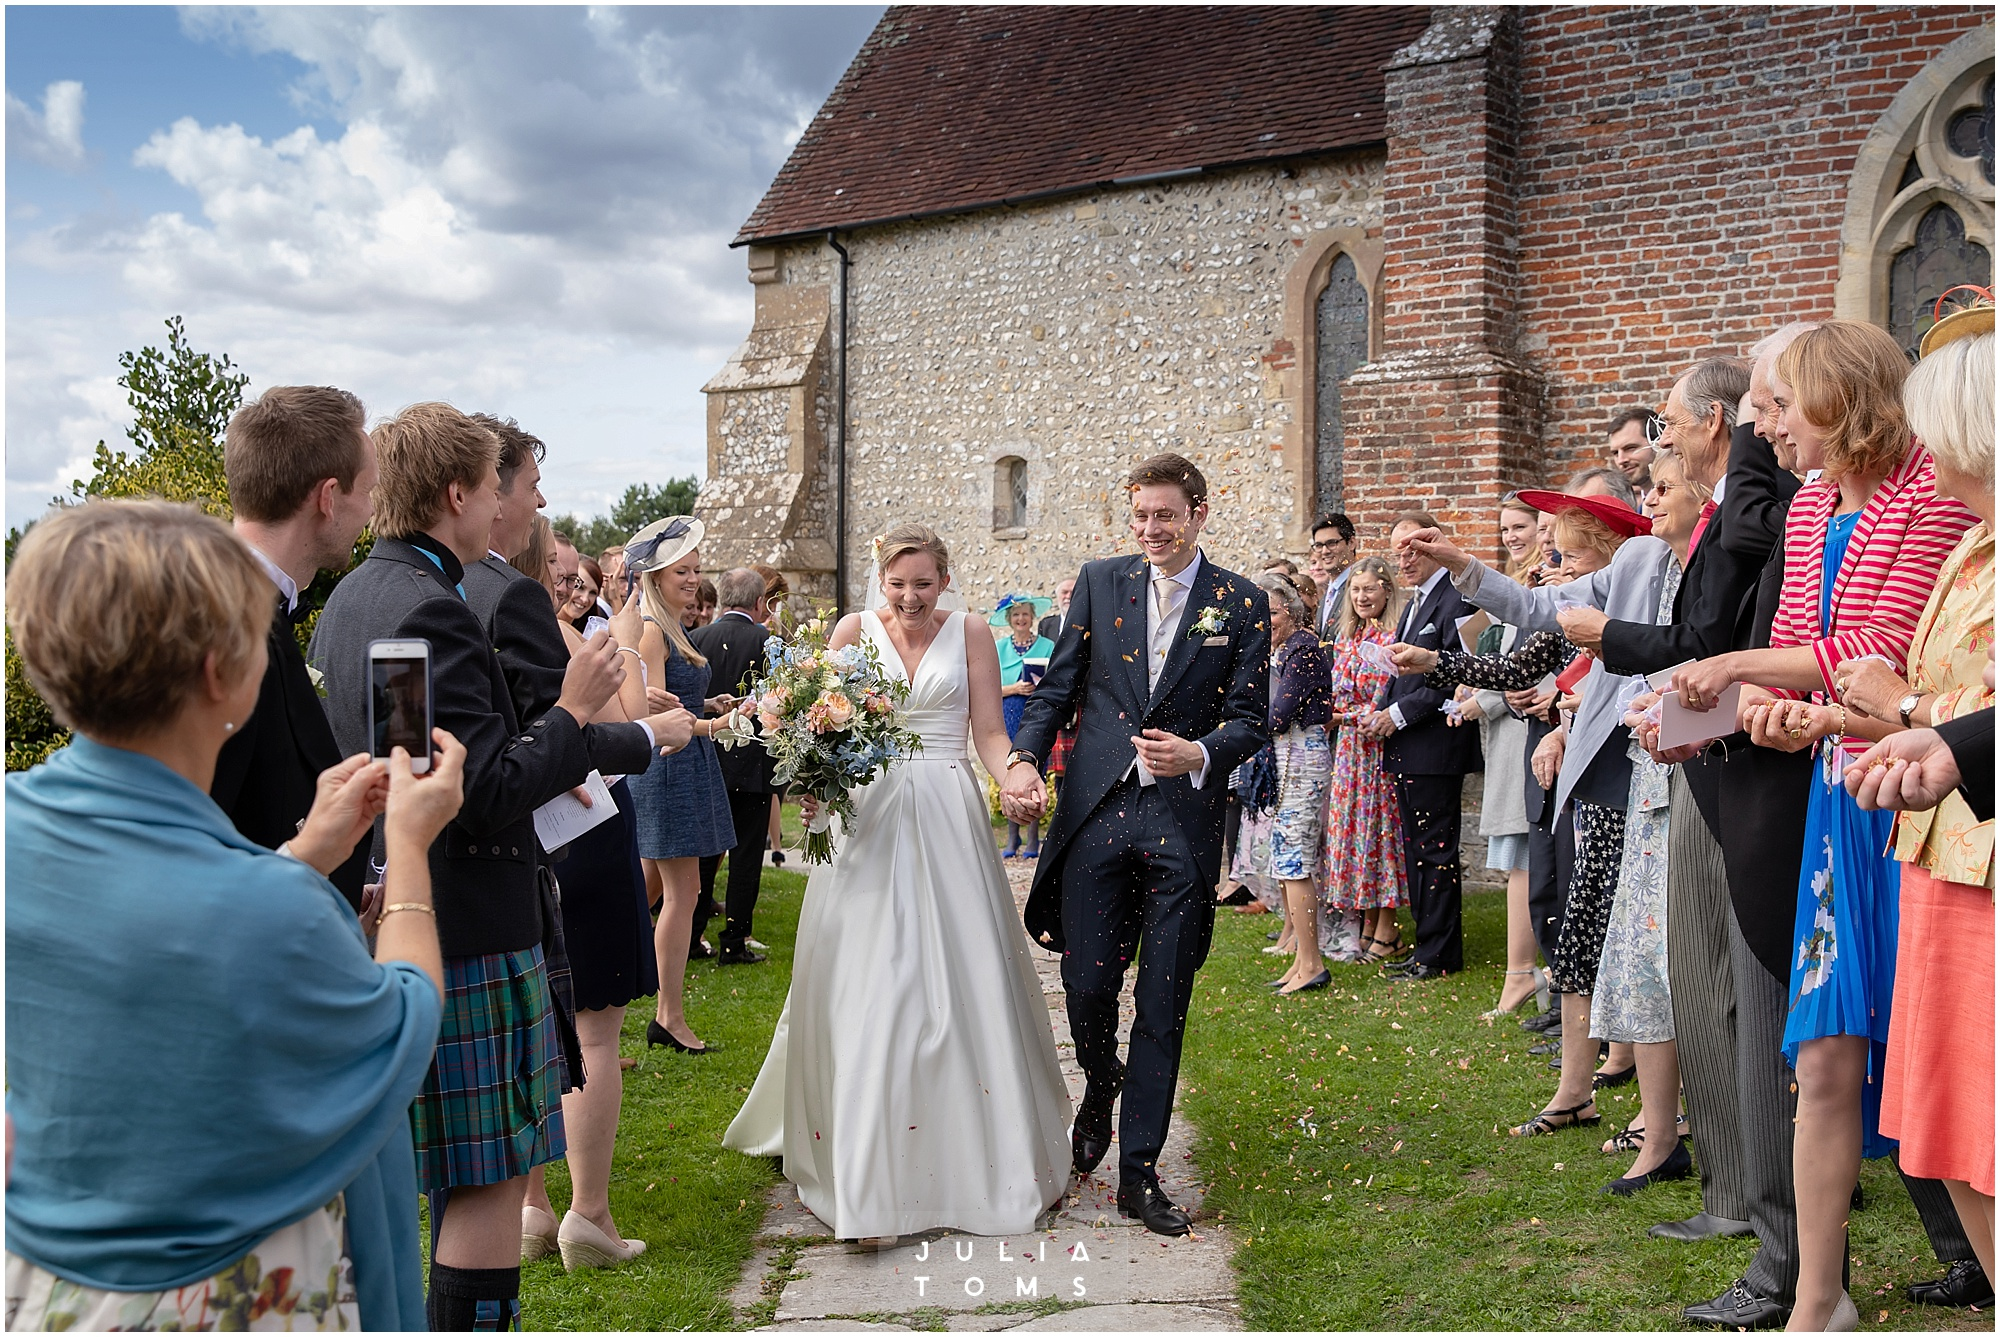 westsussex_wedding_photographer_westdean_067.jpg